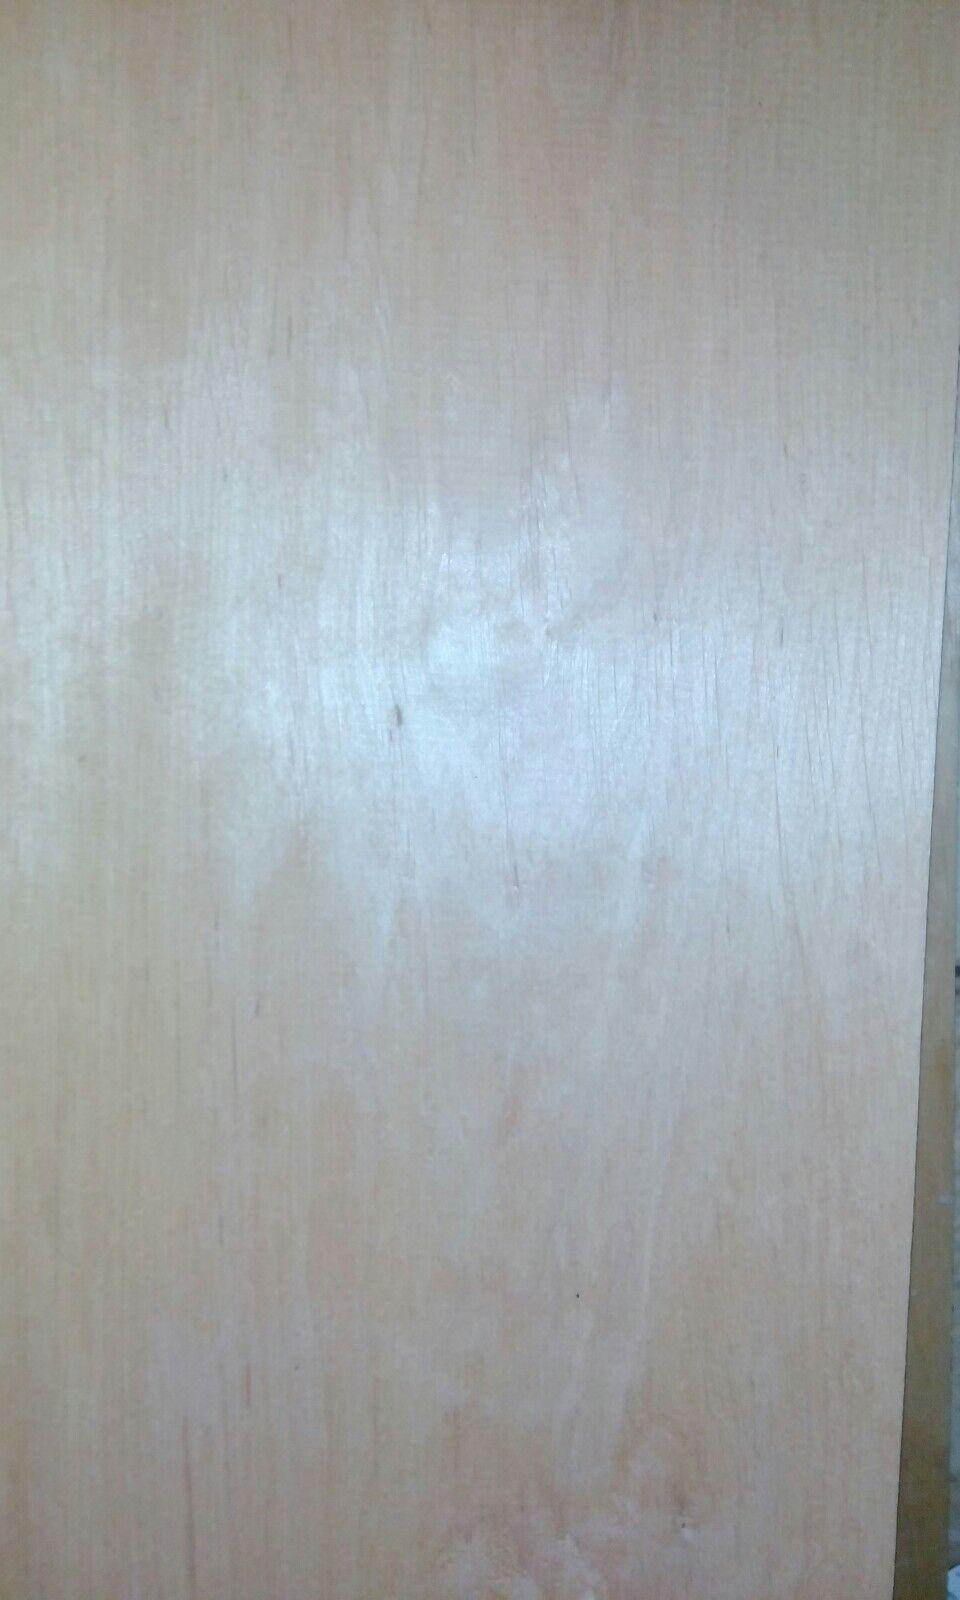 Erle Body No.2Korpus AXUND Tonholz tonewood 1Teiler Bass 550x360+x55  gehobelt